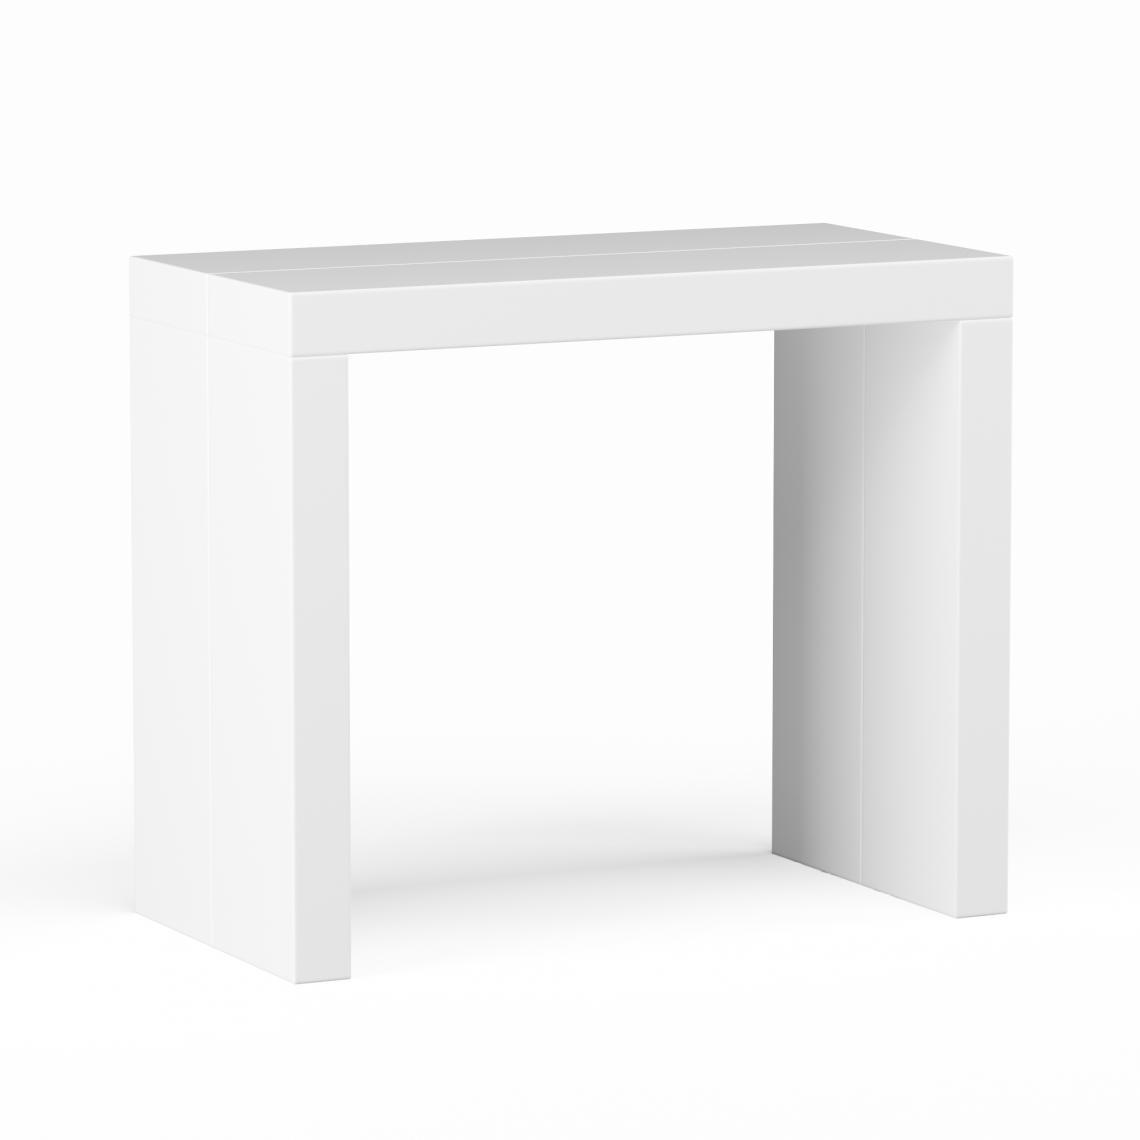 console extensible 225cm blanc laque line white